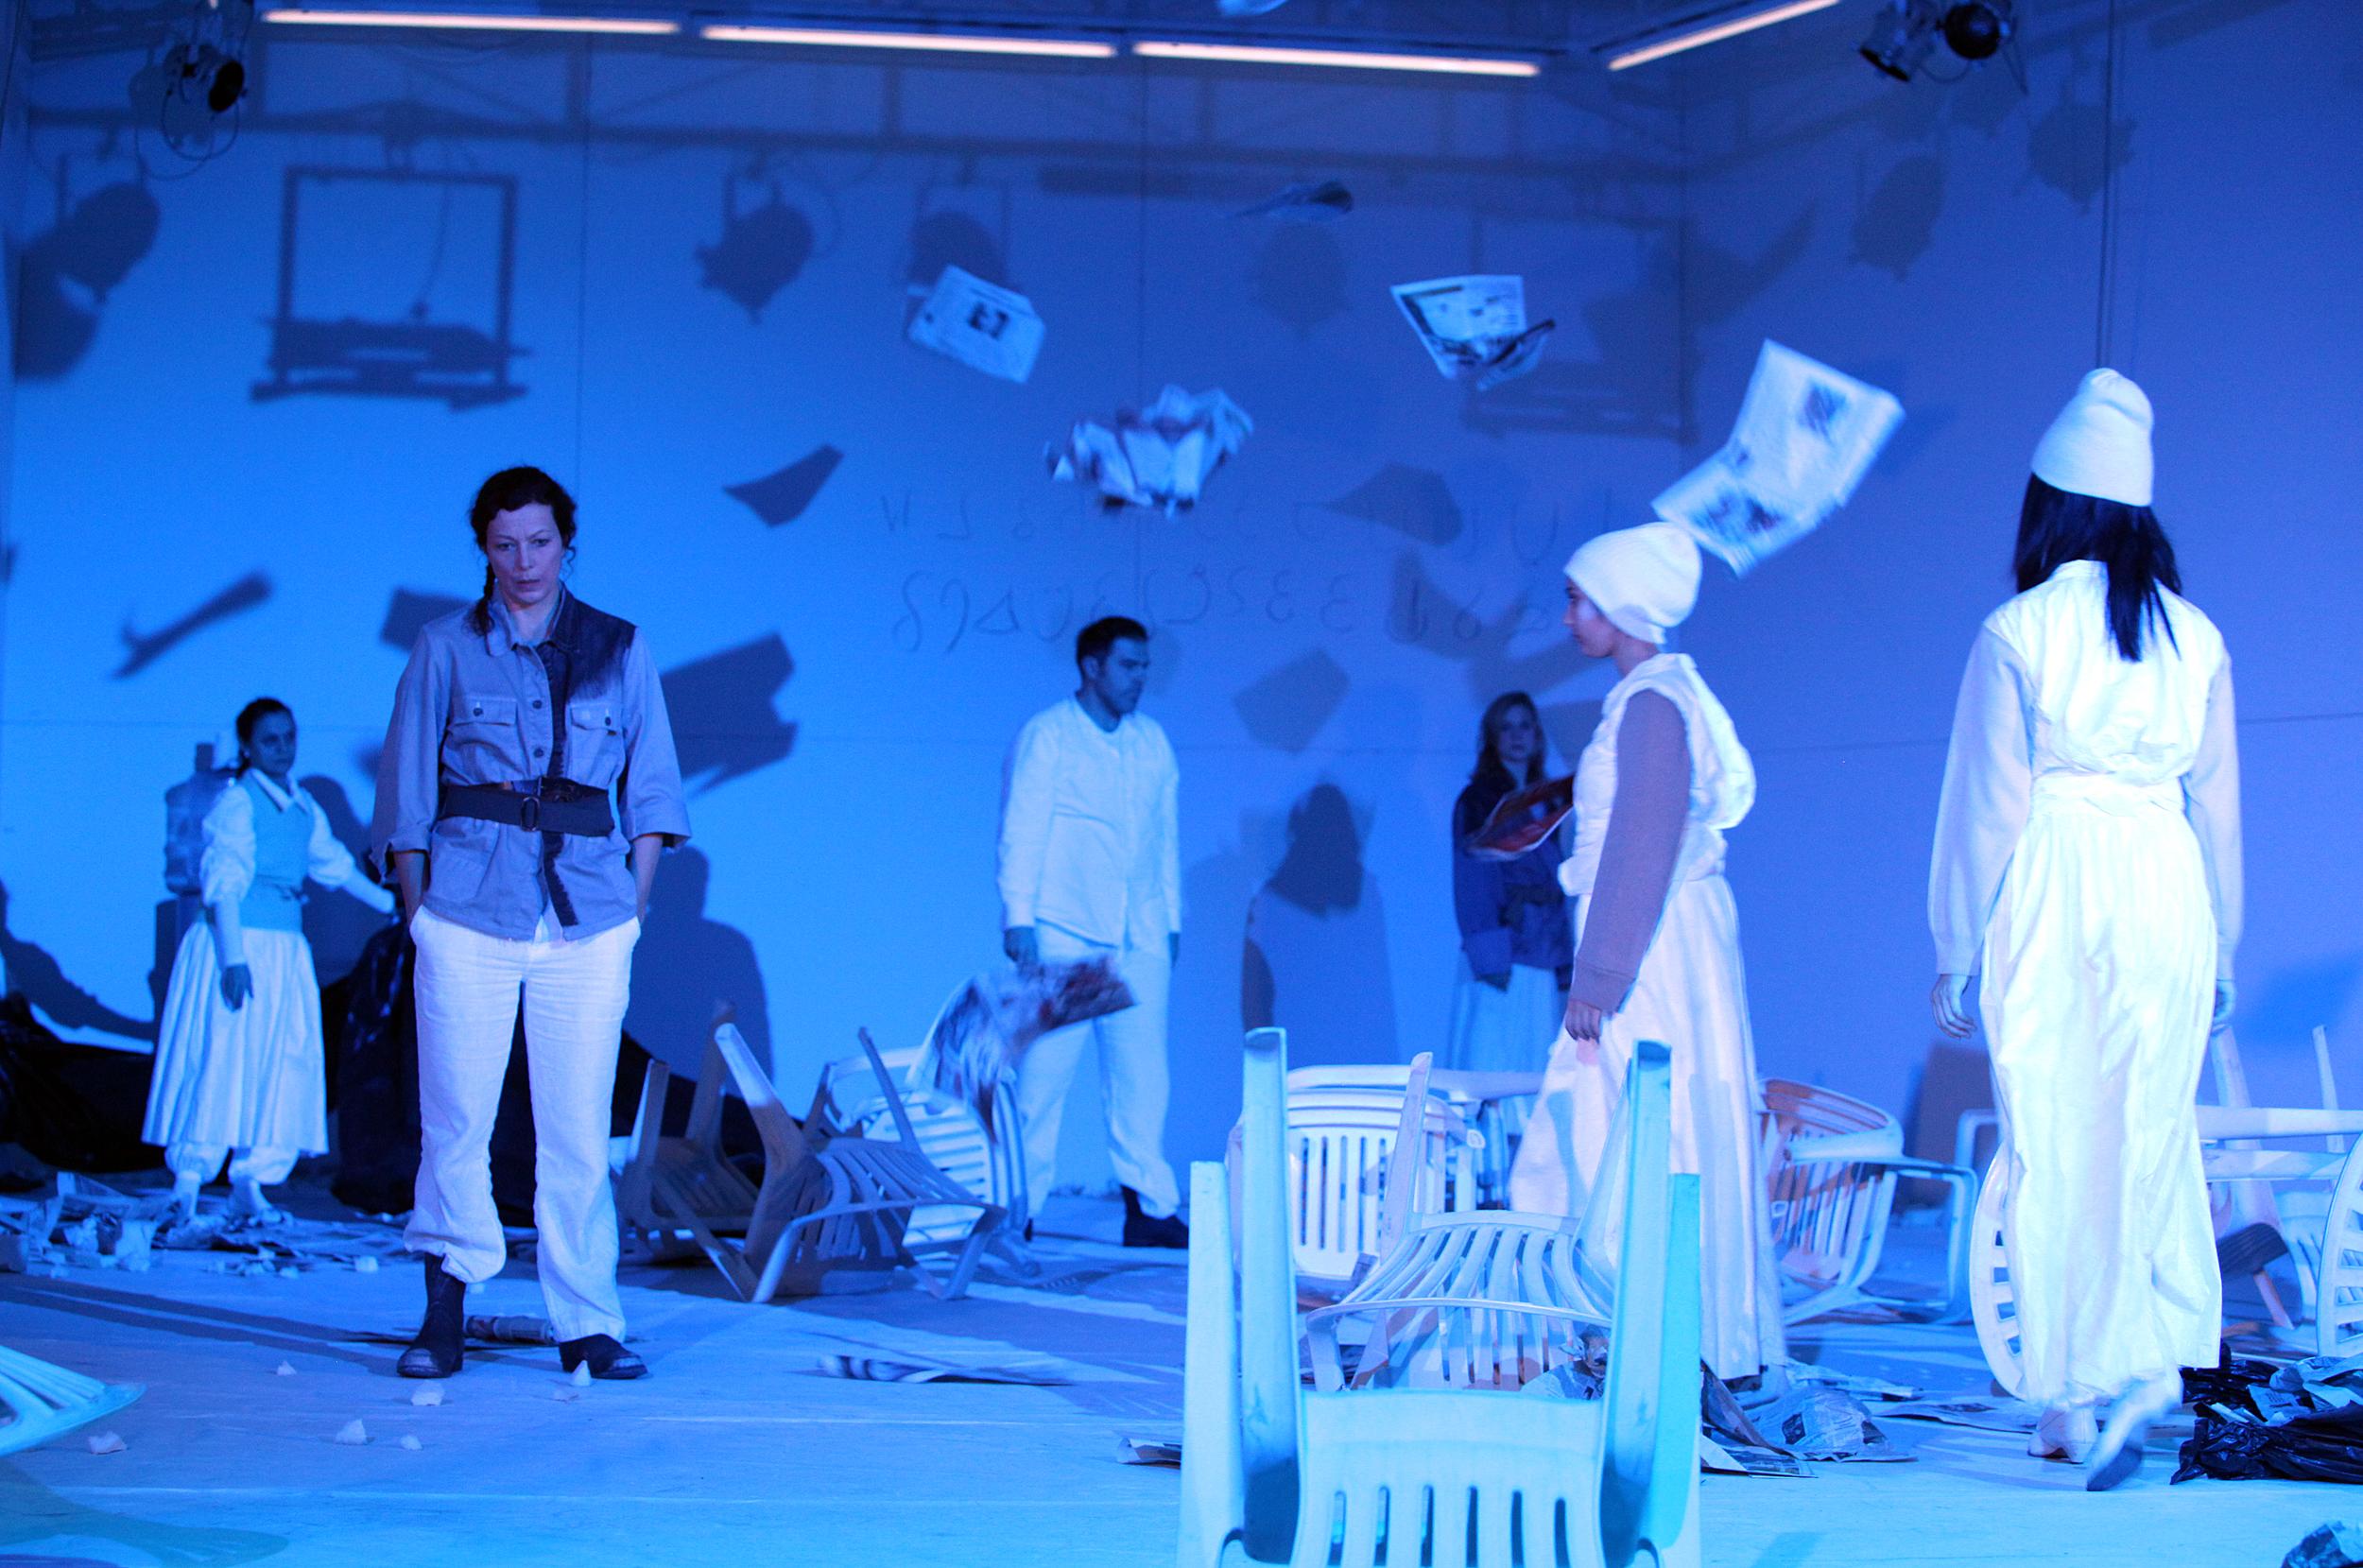 Verbrennungen_Theater Dortmund